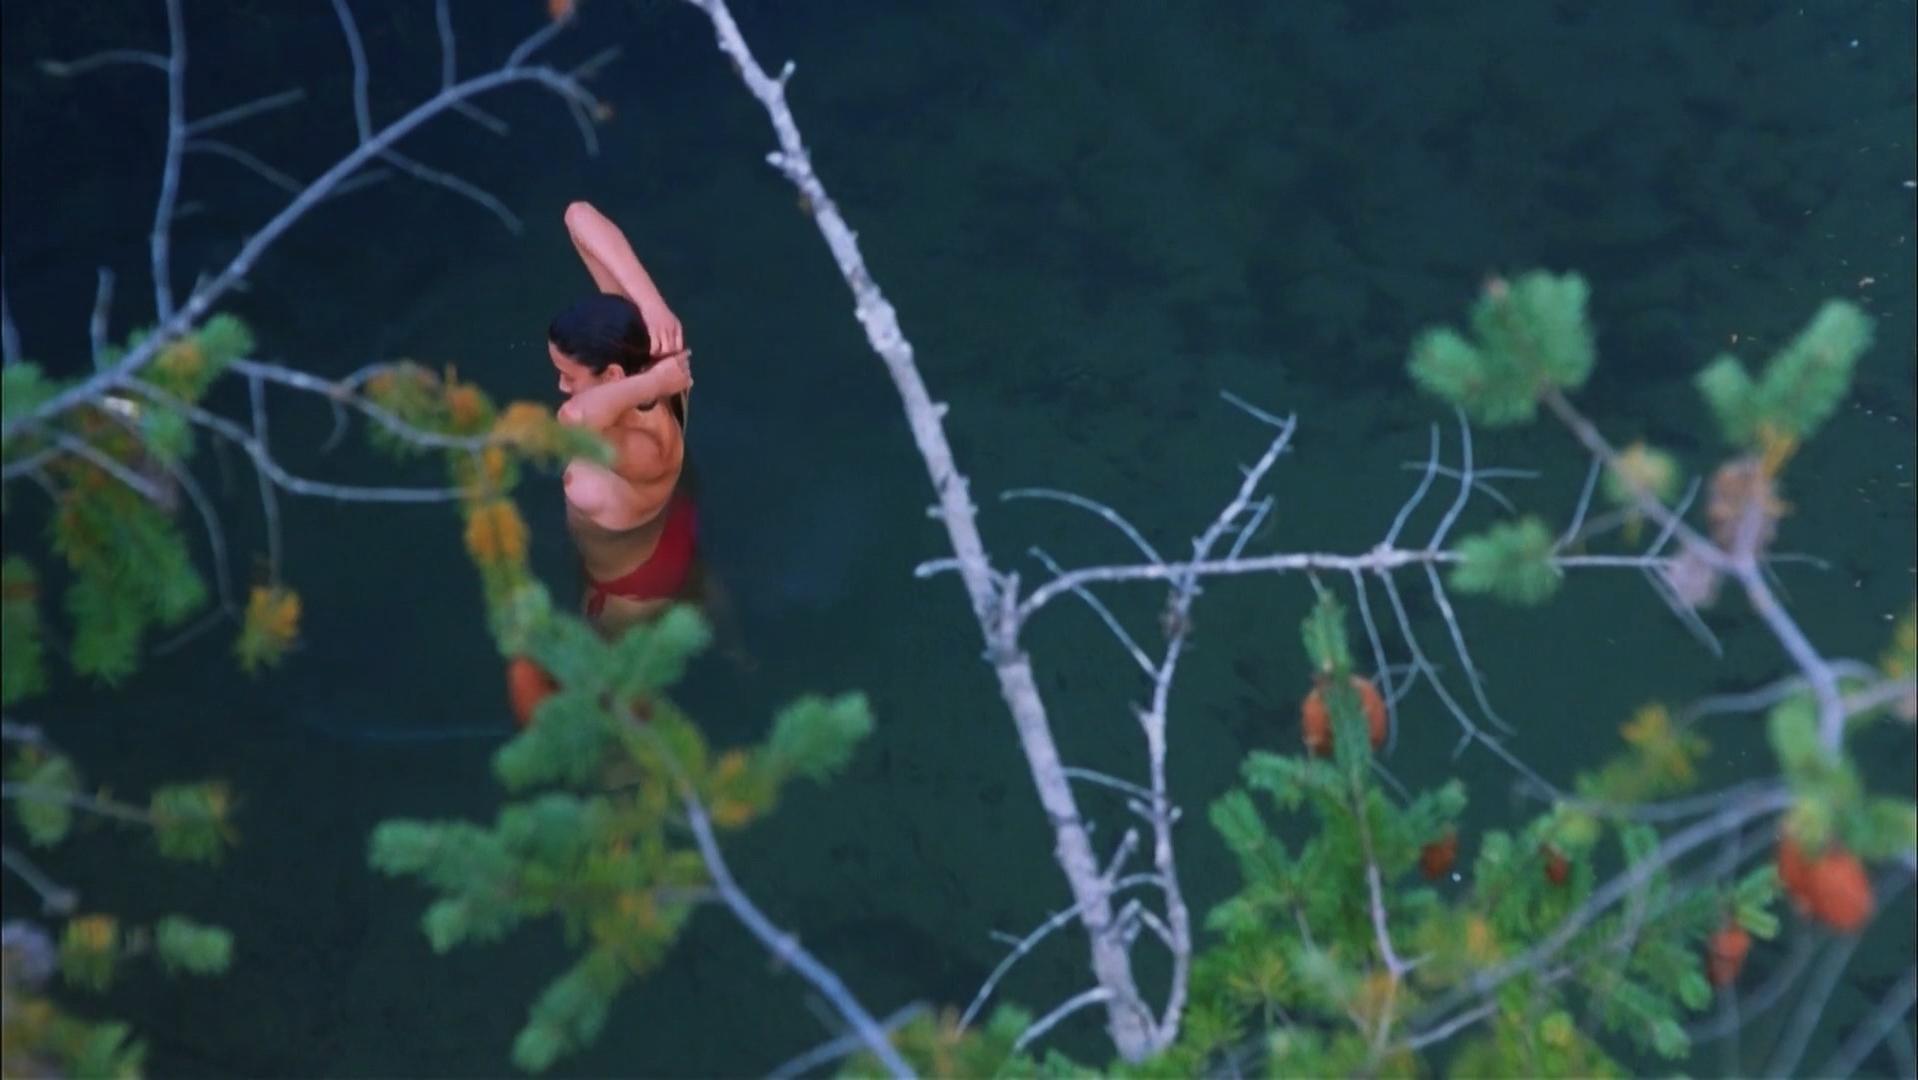 Kimberley Warnat nude, Mayko Nguyen nude - Going the Distance (2004)